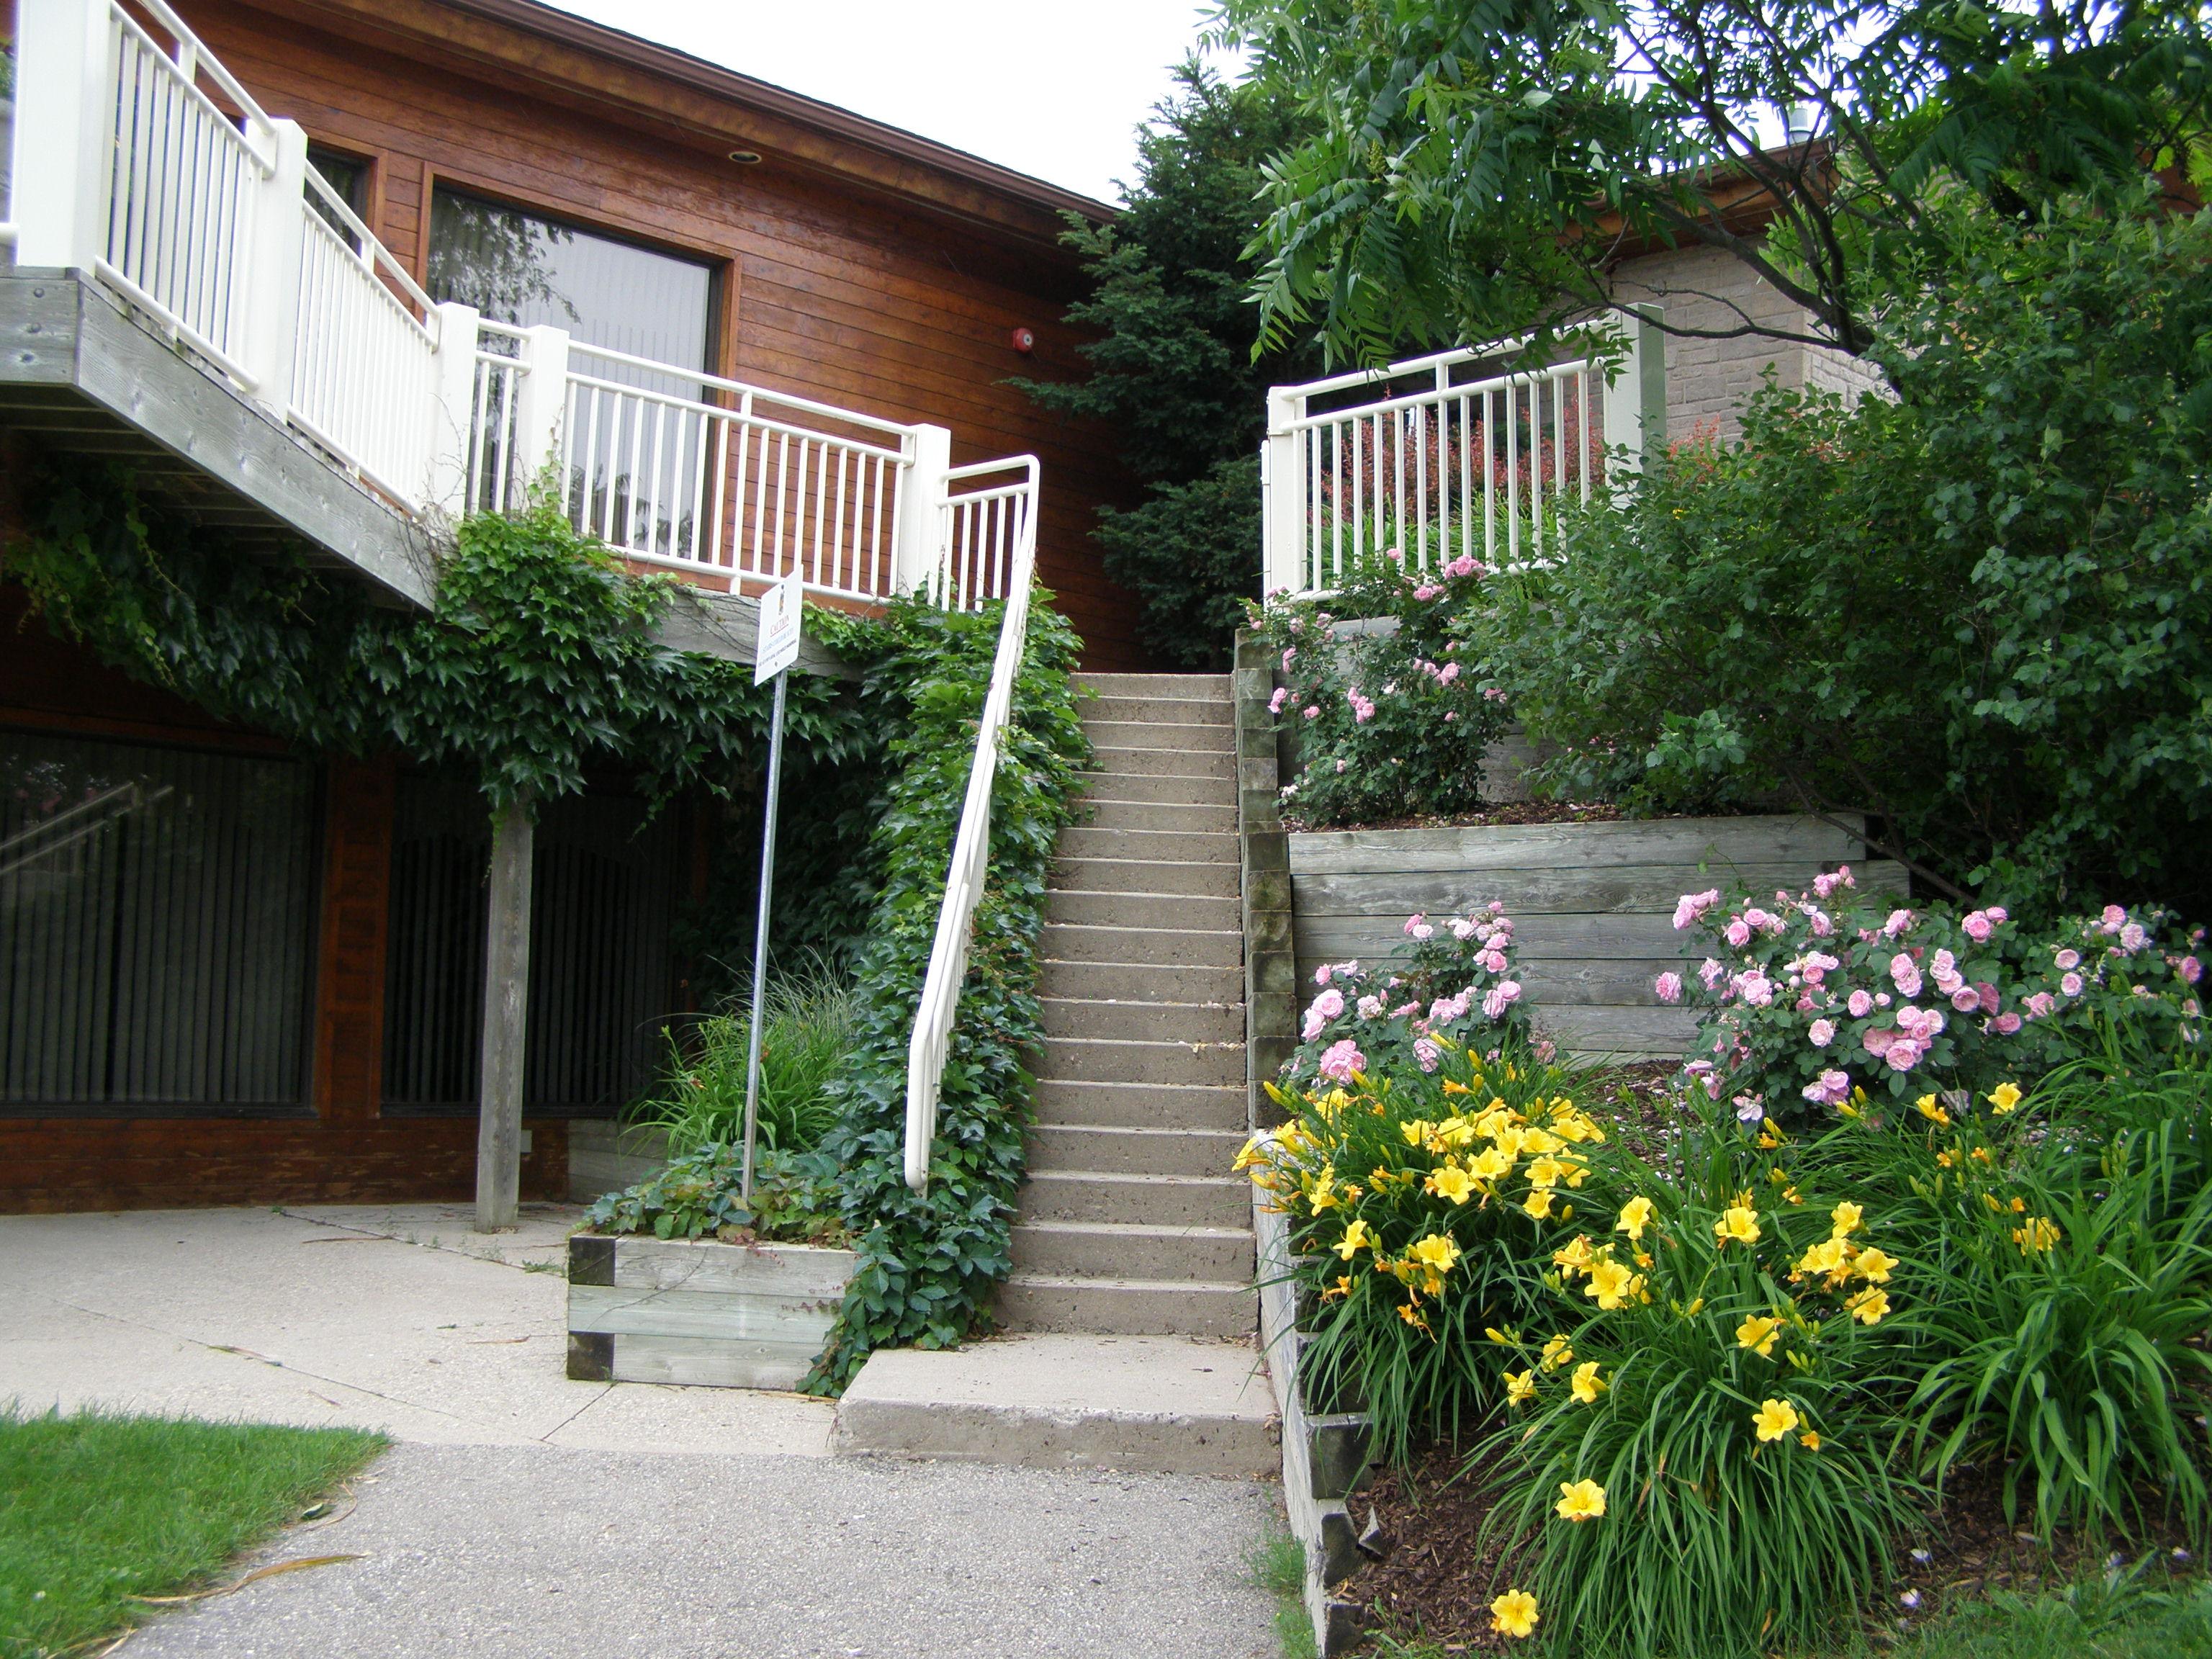 Monora Park Pavilion Steps